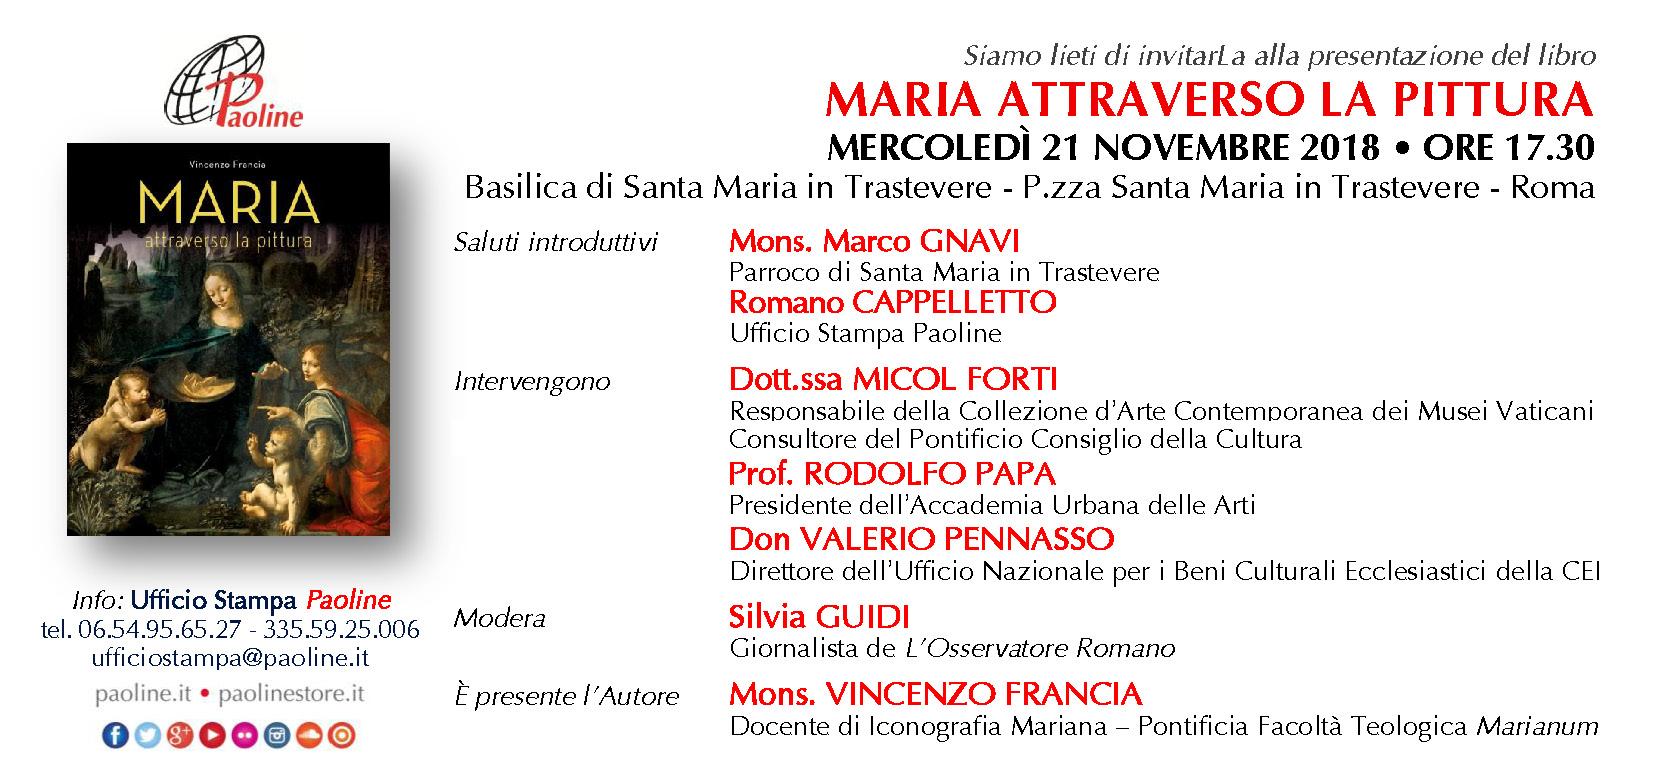 invito presentazione libro MARIA ATTRAVERSO LA PITTURA - Roma 21 novembre 2018